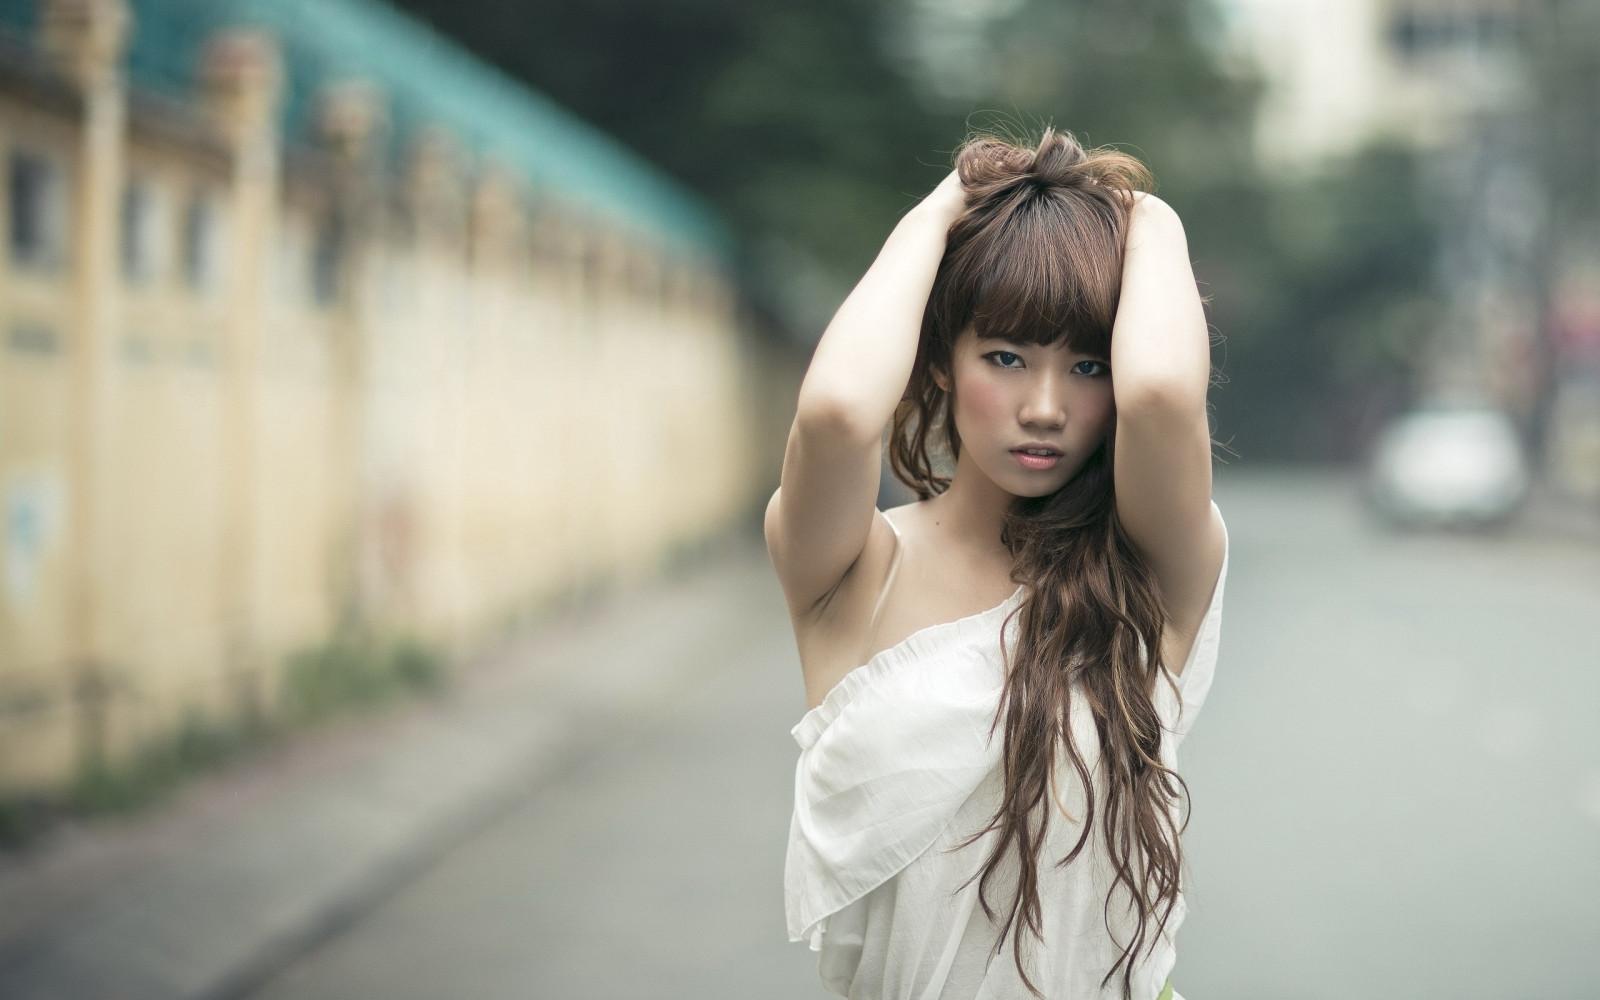 азиатки с длинными волосами фото